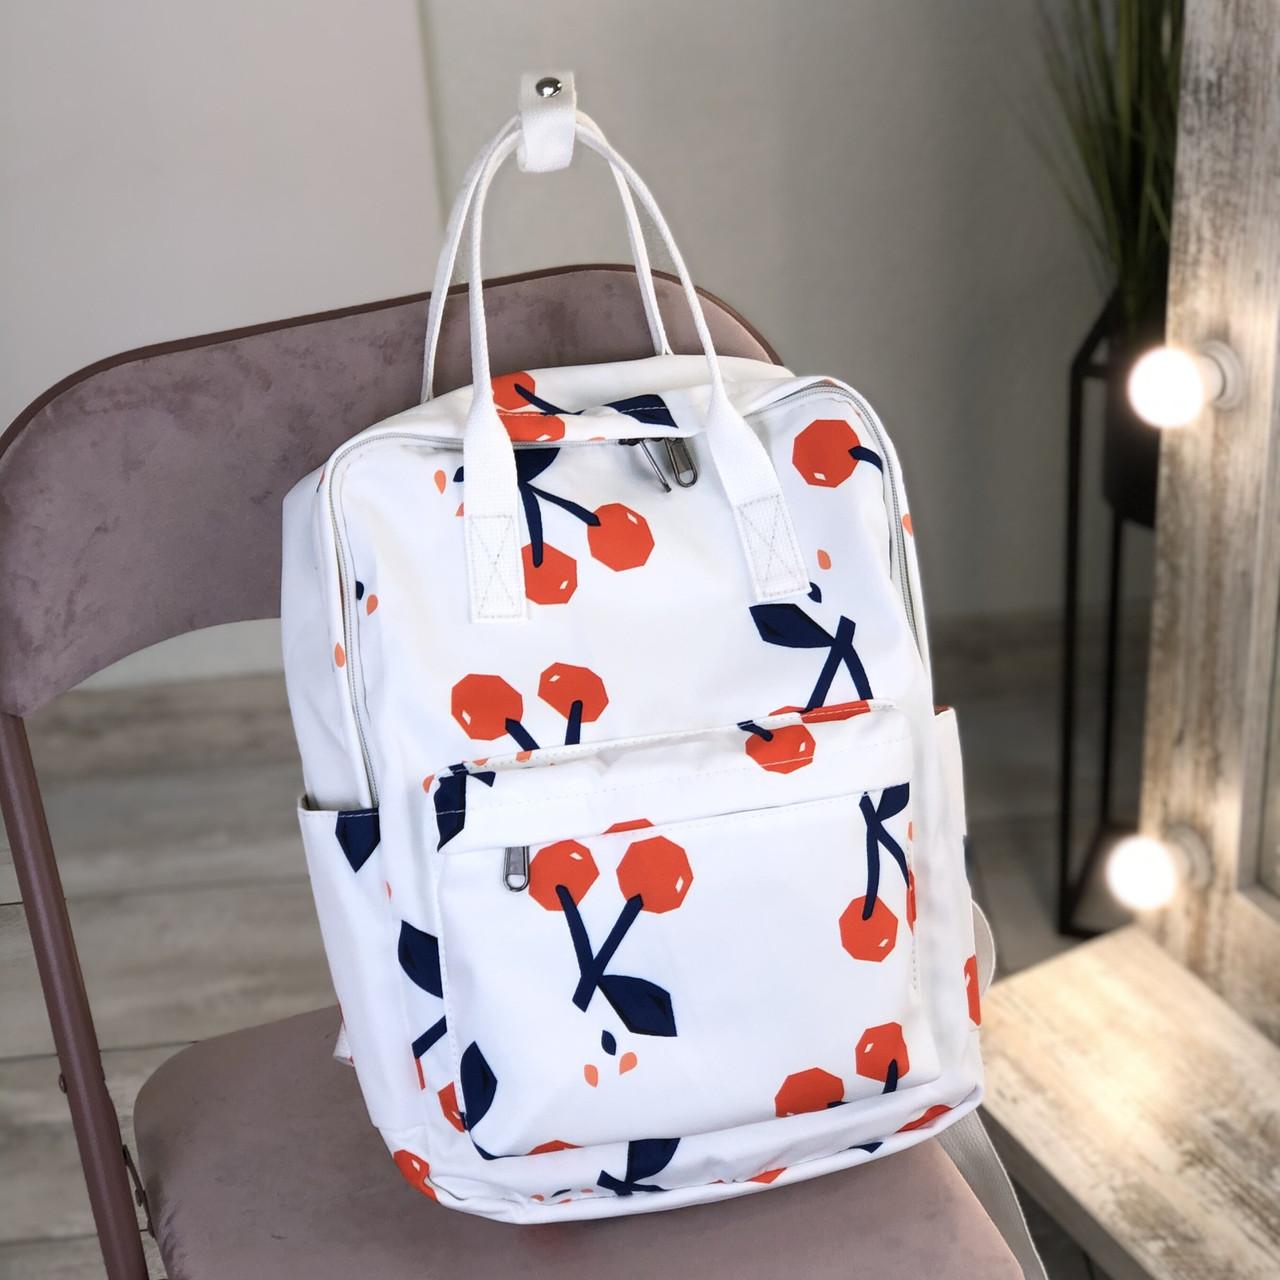 Сумка-рюкзак с модными принтами